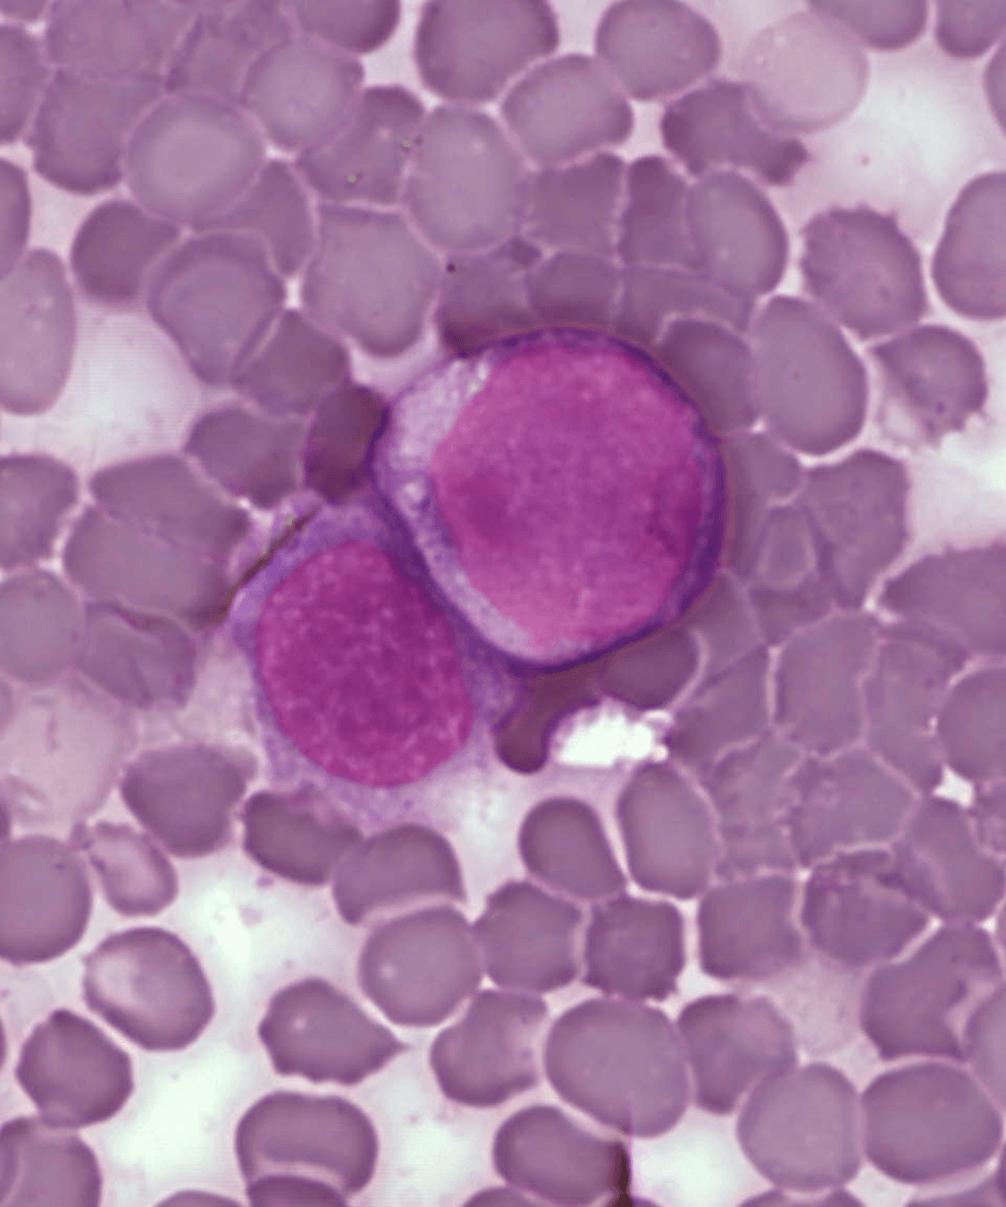 Células de leucemia. Imagen: A Surprising New Path to Tumor Development. PLoS Biol 3(12): e433. doi:10.1371/journal.pbio.0030433 CC-BY-2.5